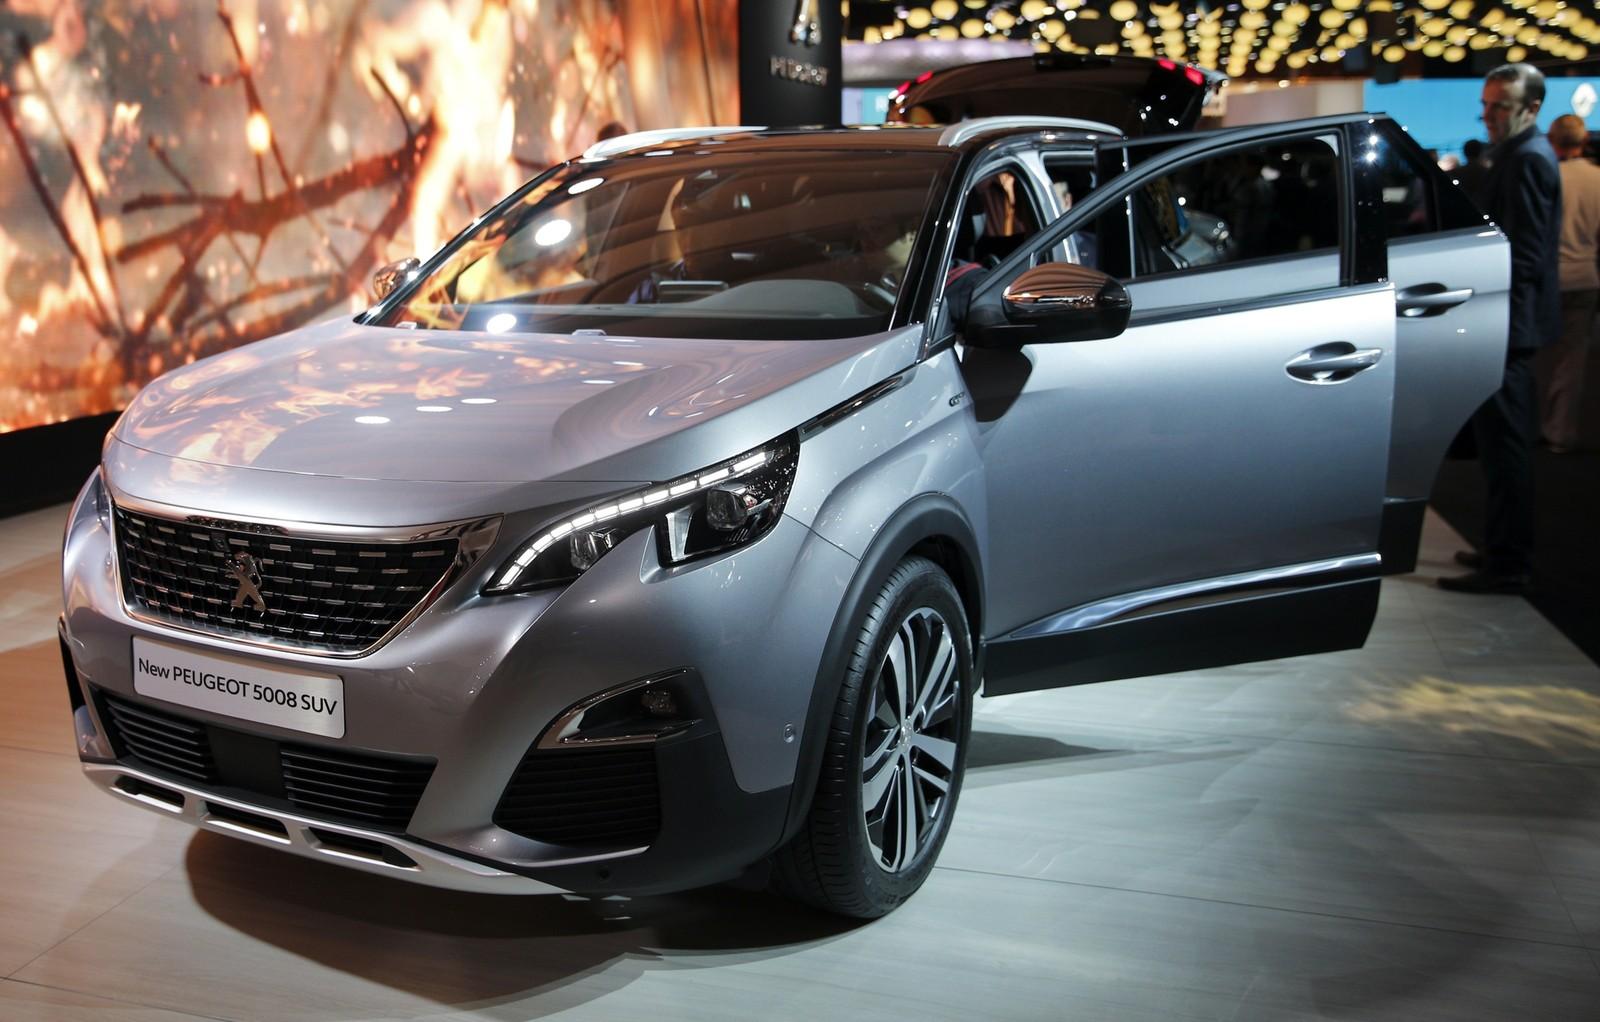 Forum gratis : Compra e venda engenharia Carro France_paris_auto_sho_fran_8_dL8NOlK